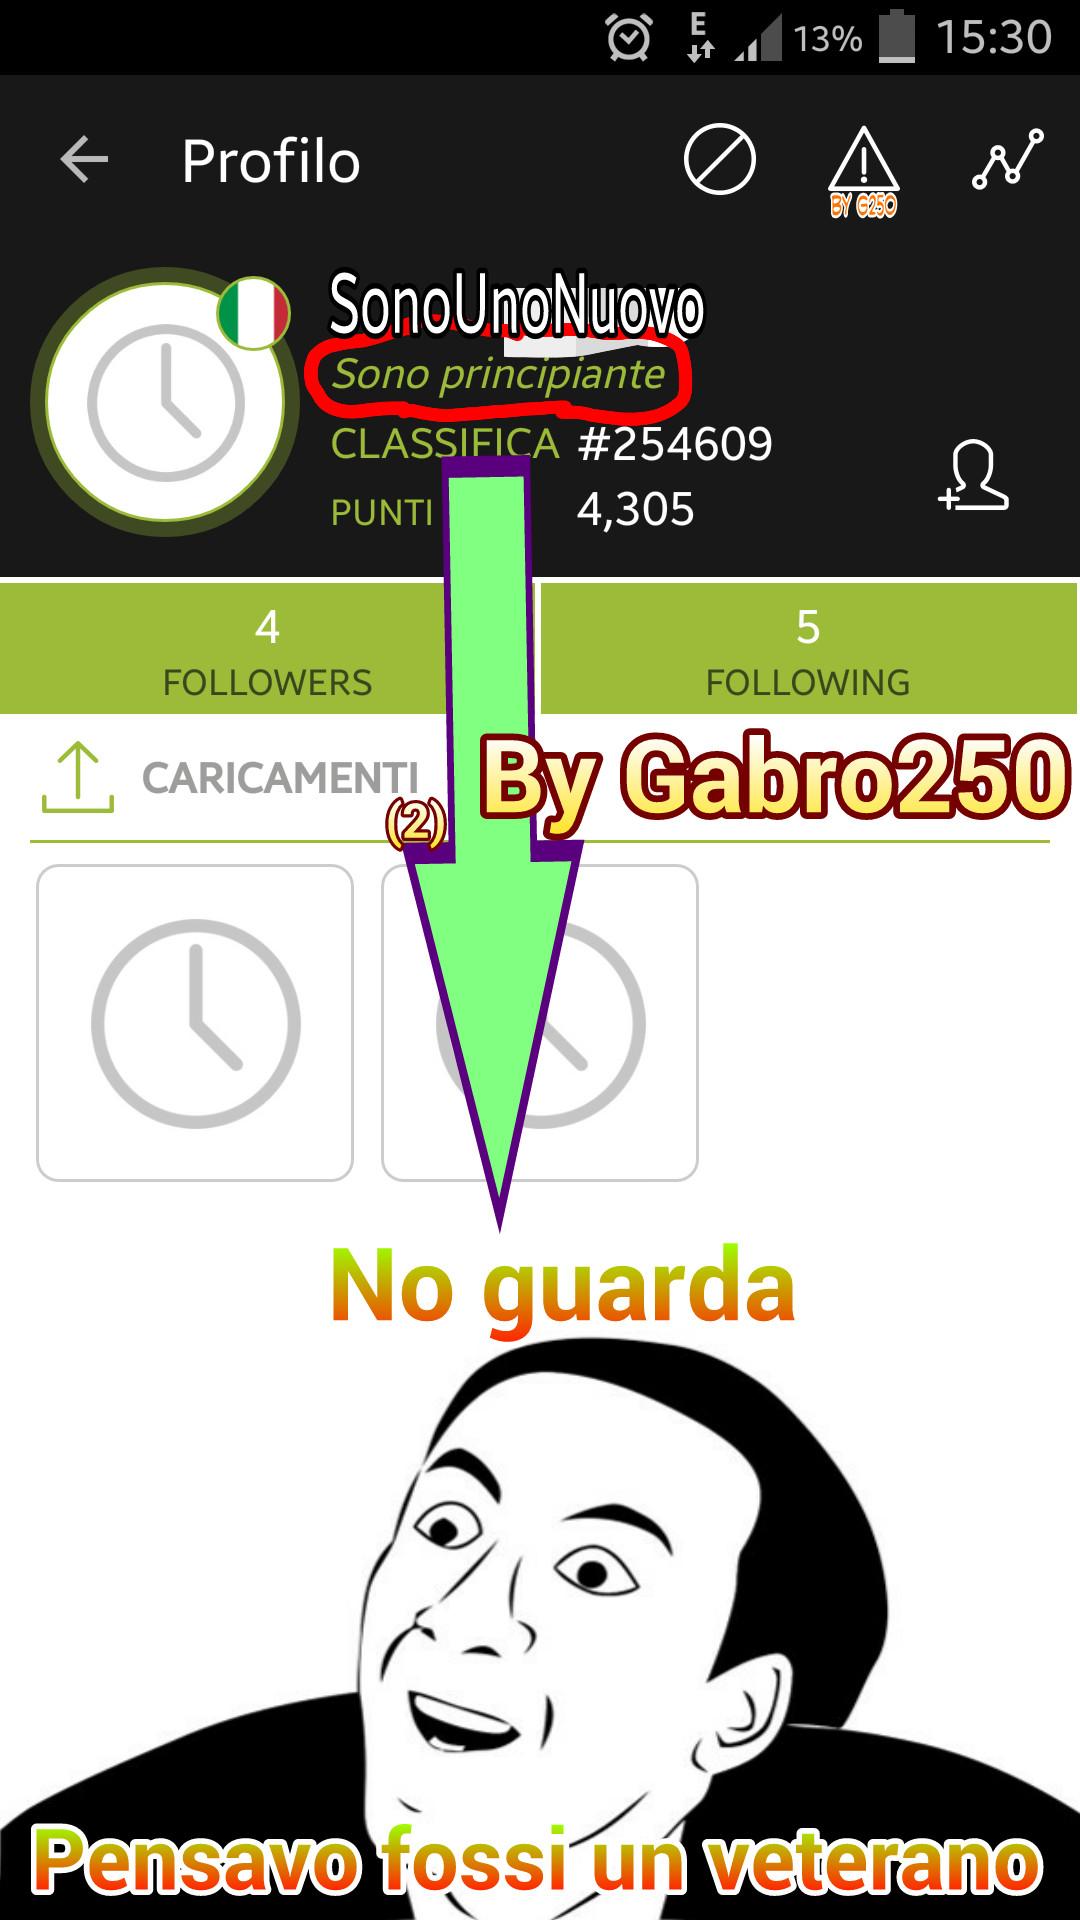 Fate passare ~ Gabro250 - meme